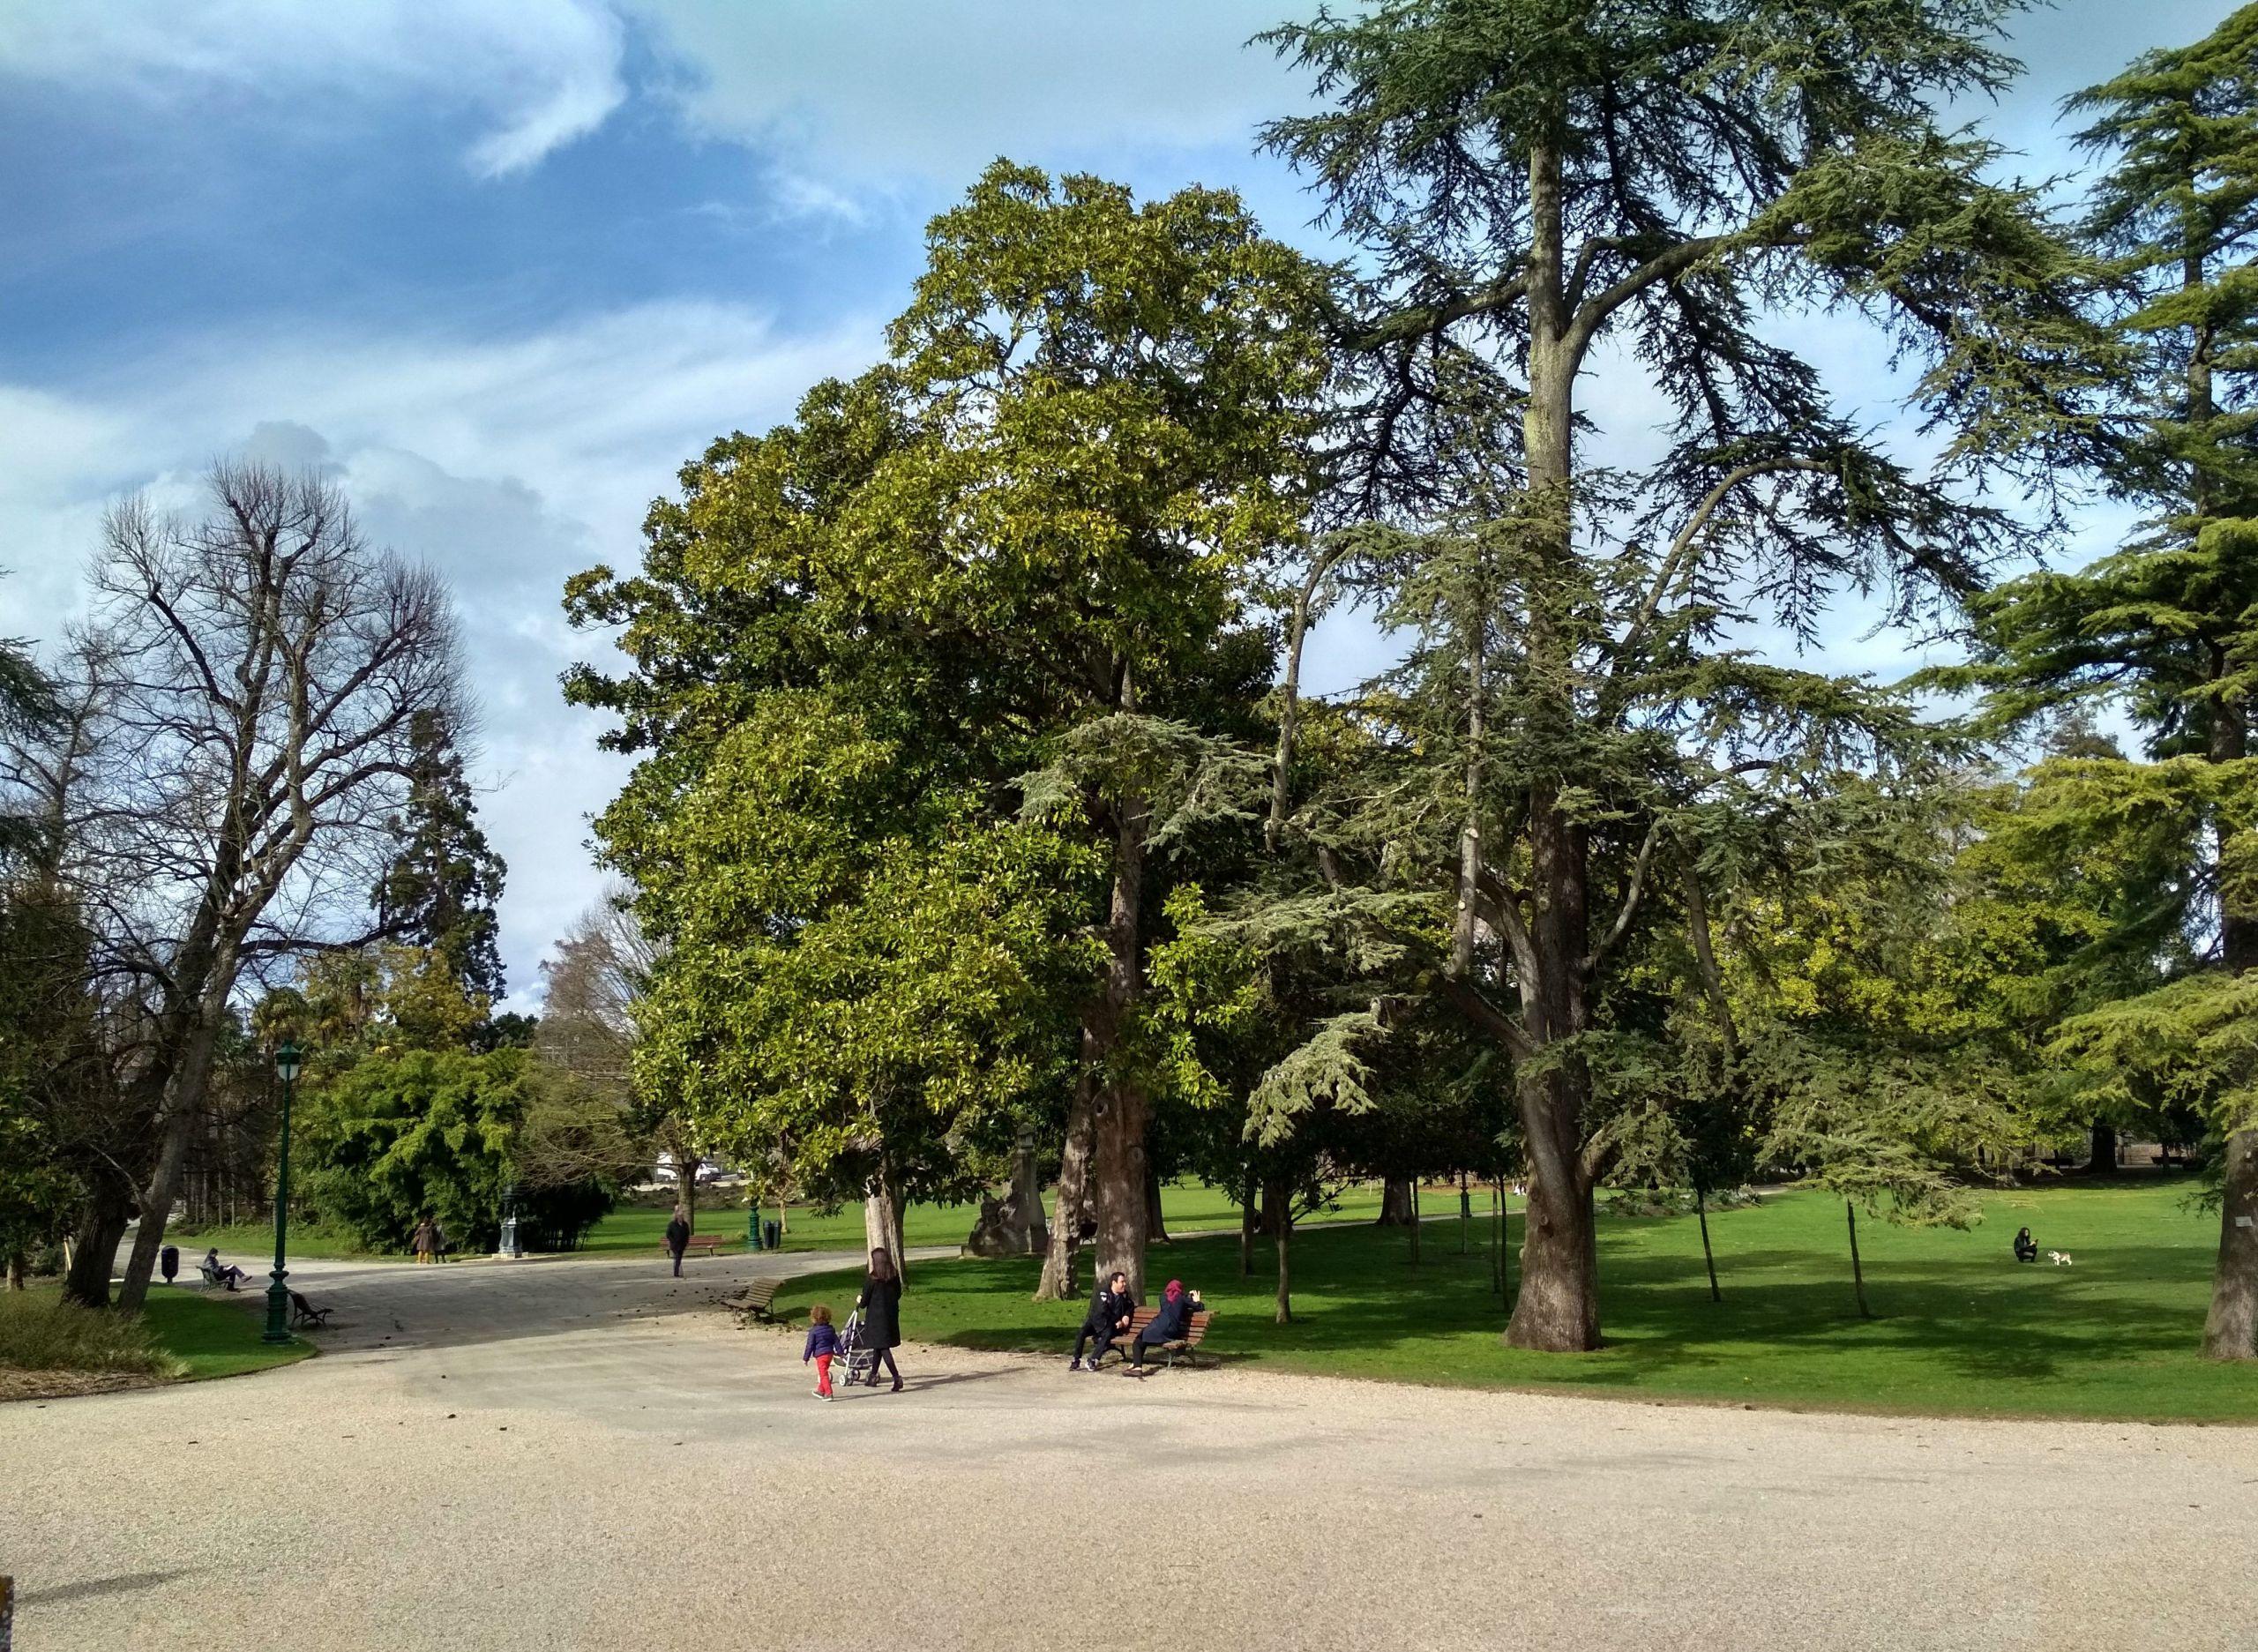 jardin public bordeaux all year